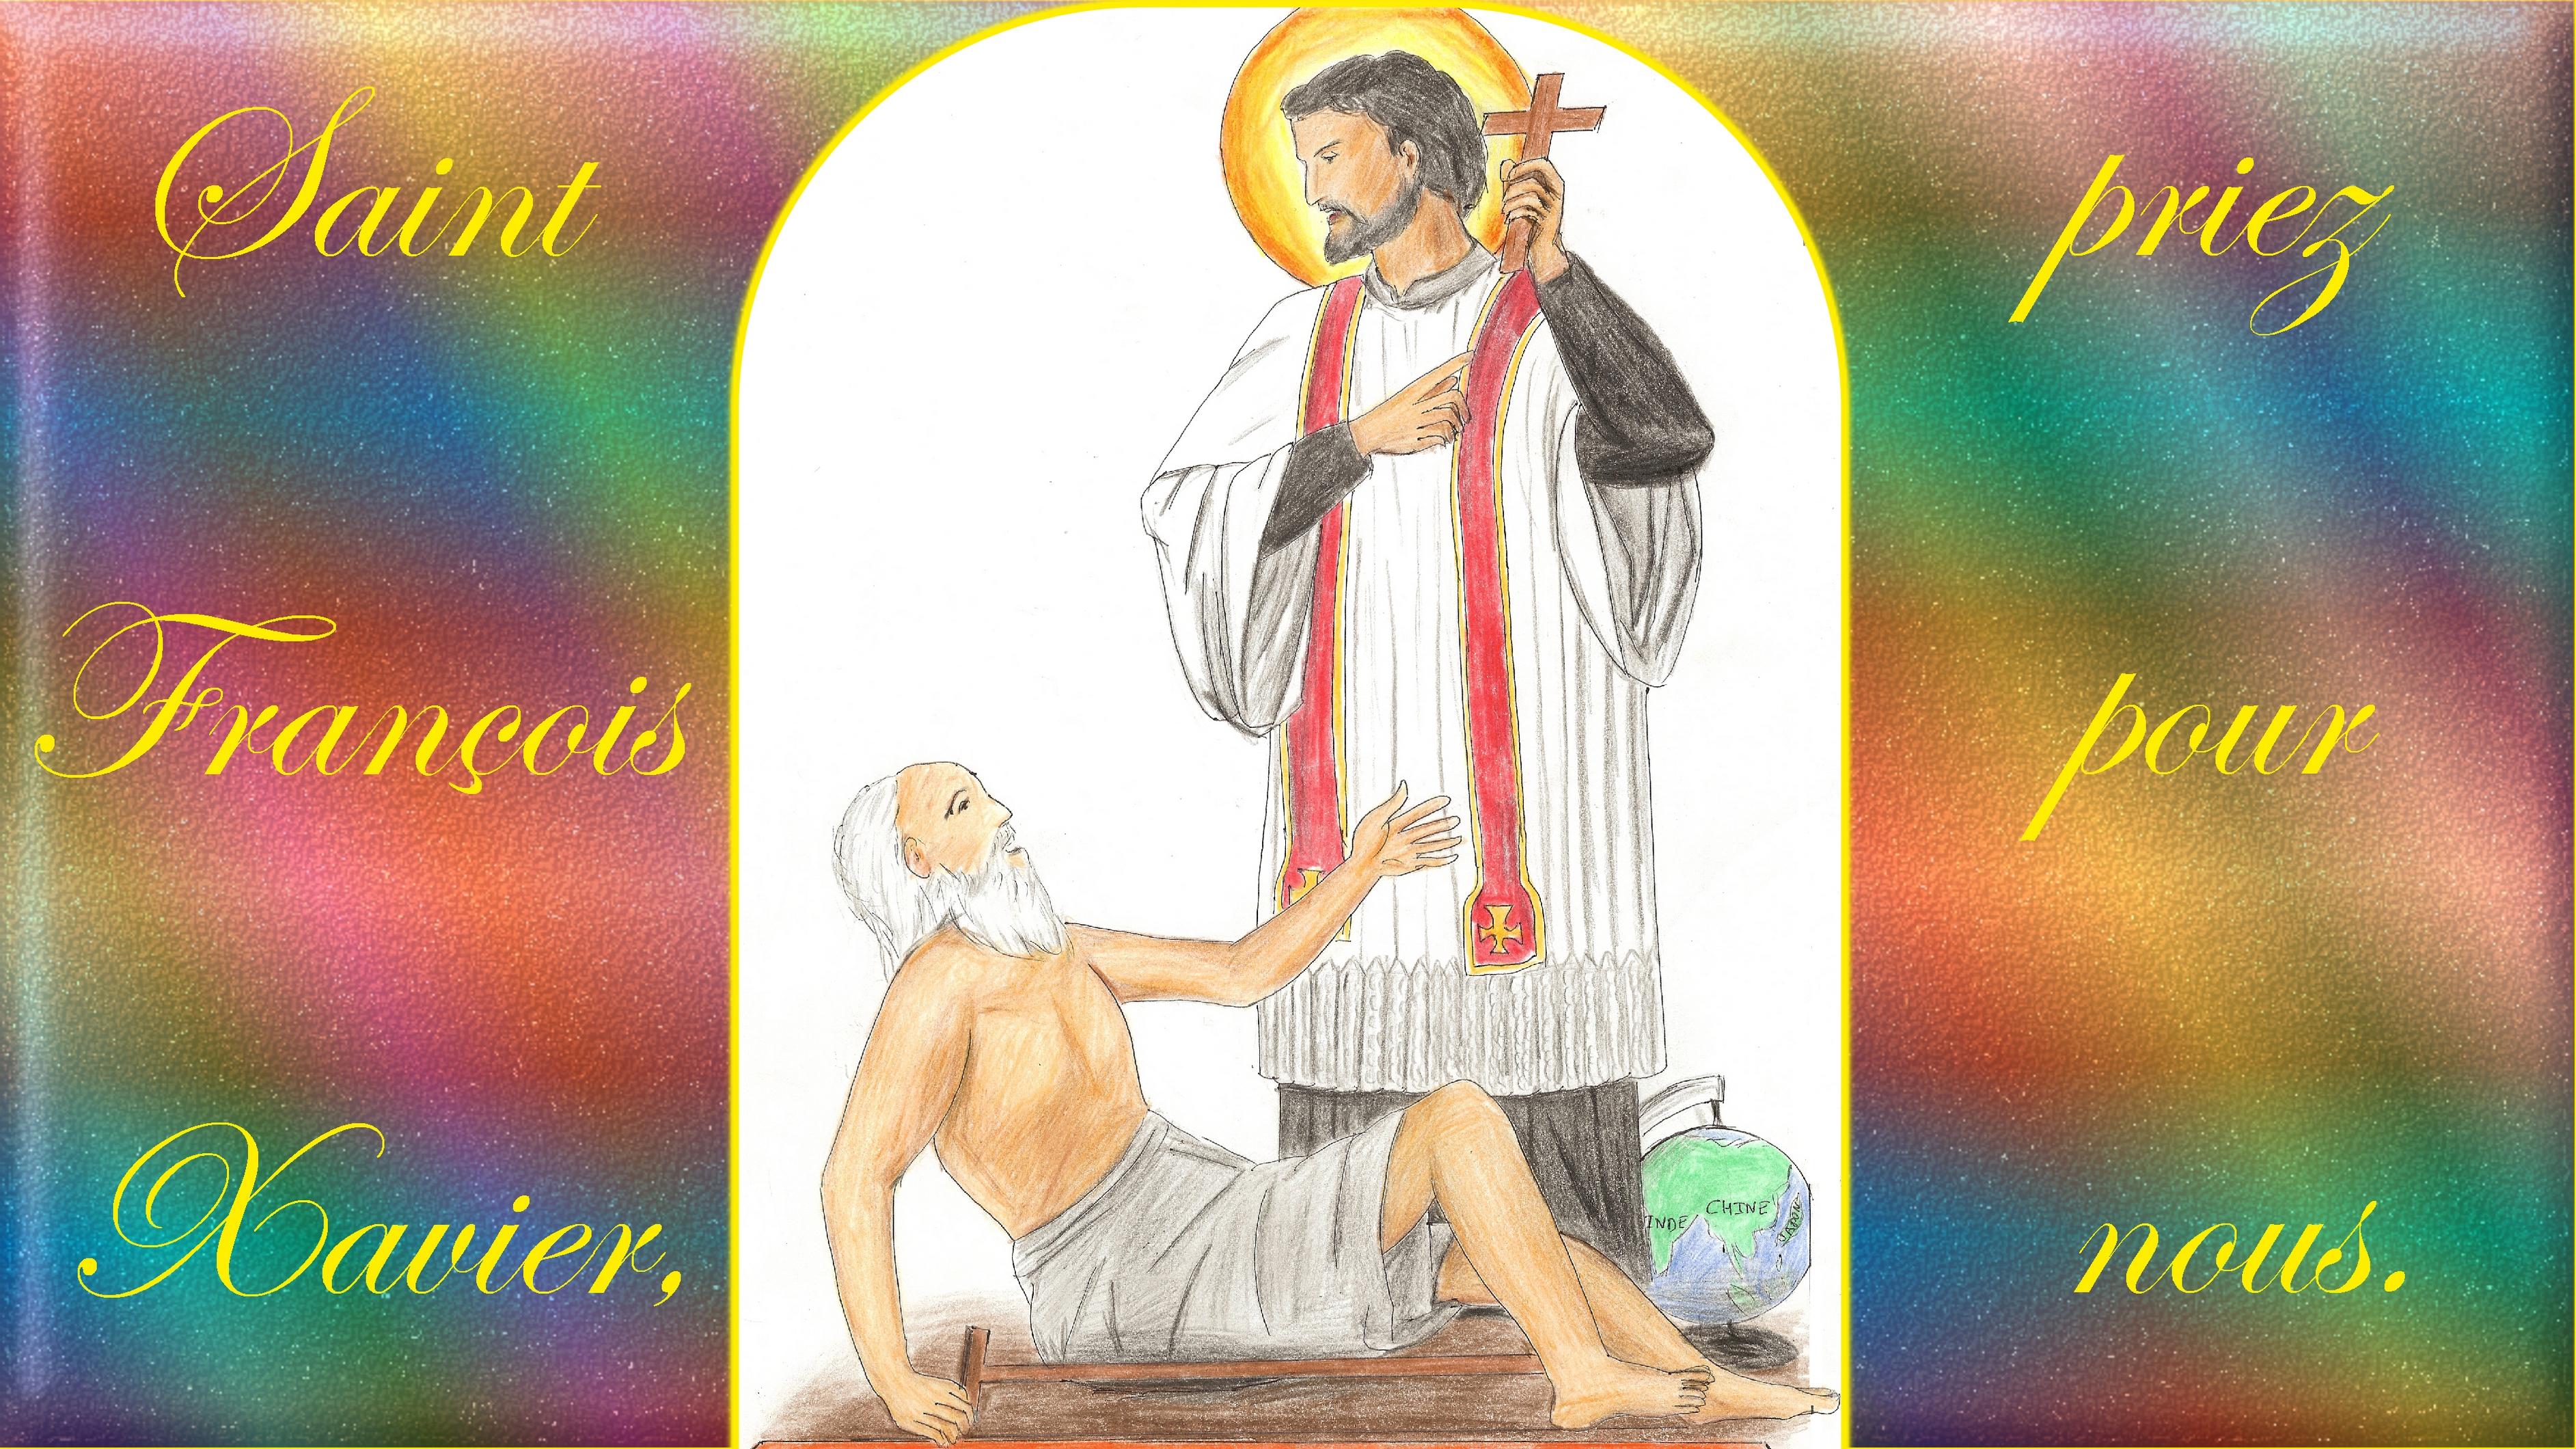 CALENDRIER CATHOLIQUE 2019 (Cantiques, Prières & Images) - Page 17 St-fran-ois-xavier-2--56d2b56